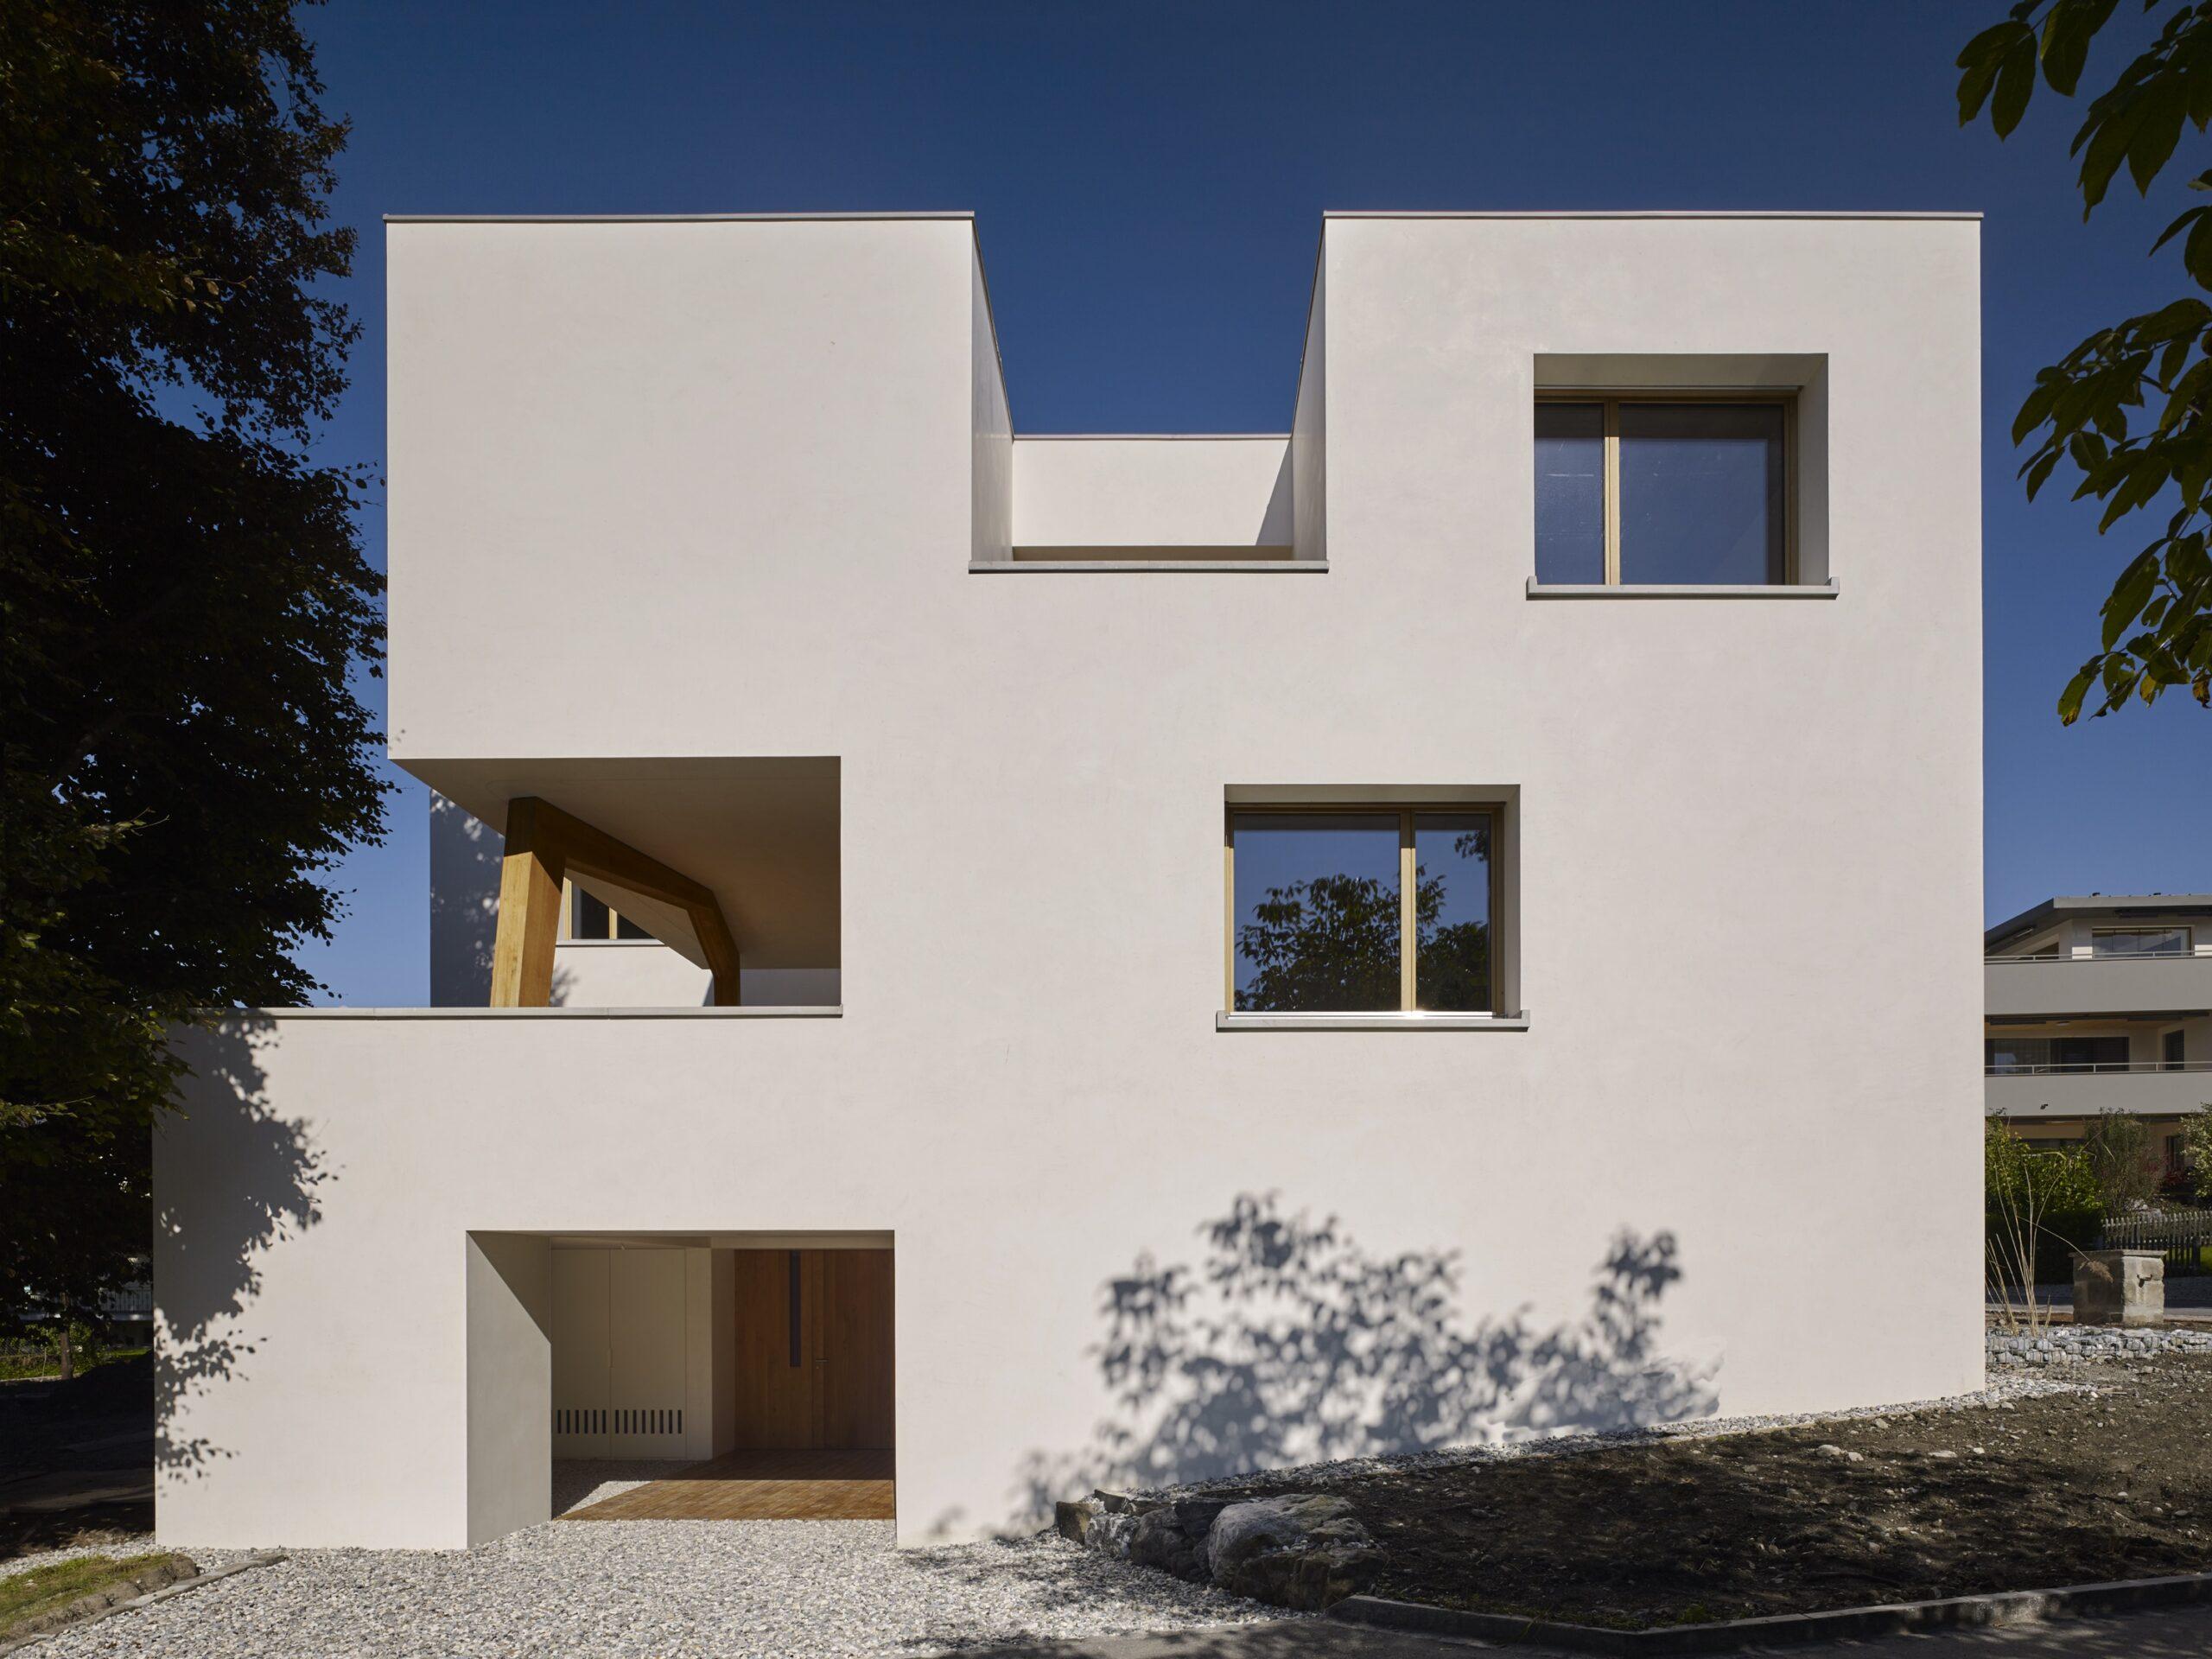 Haus Holdergasse, Fassade, BE Architekten, Olex, Marc Lins